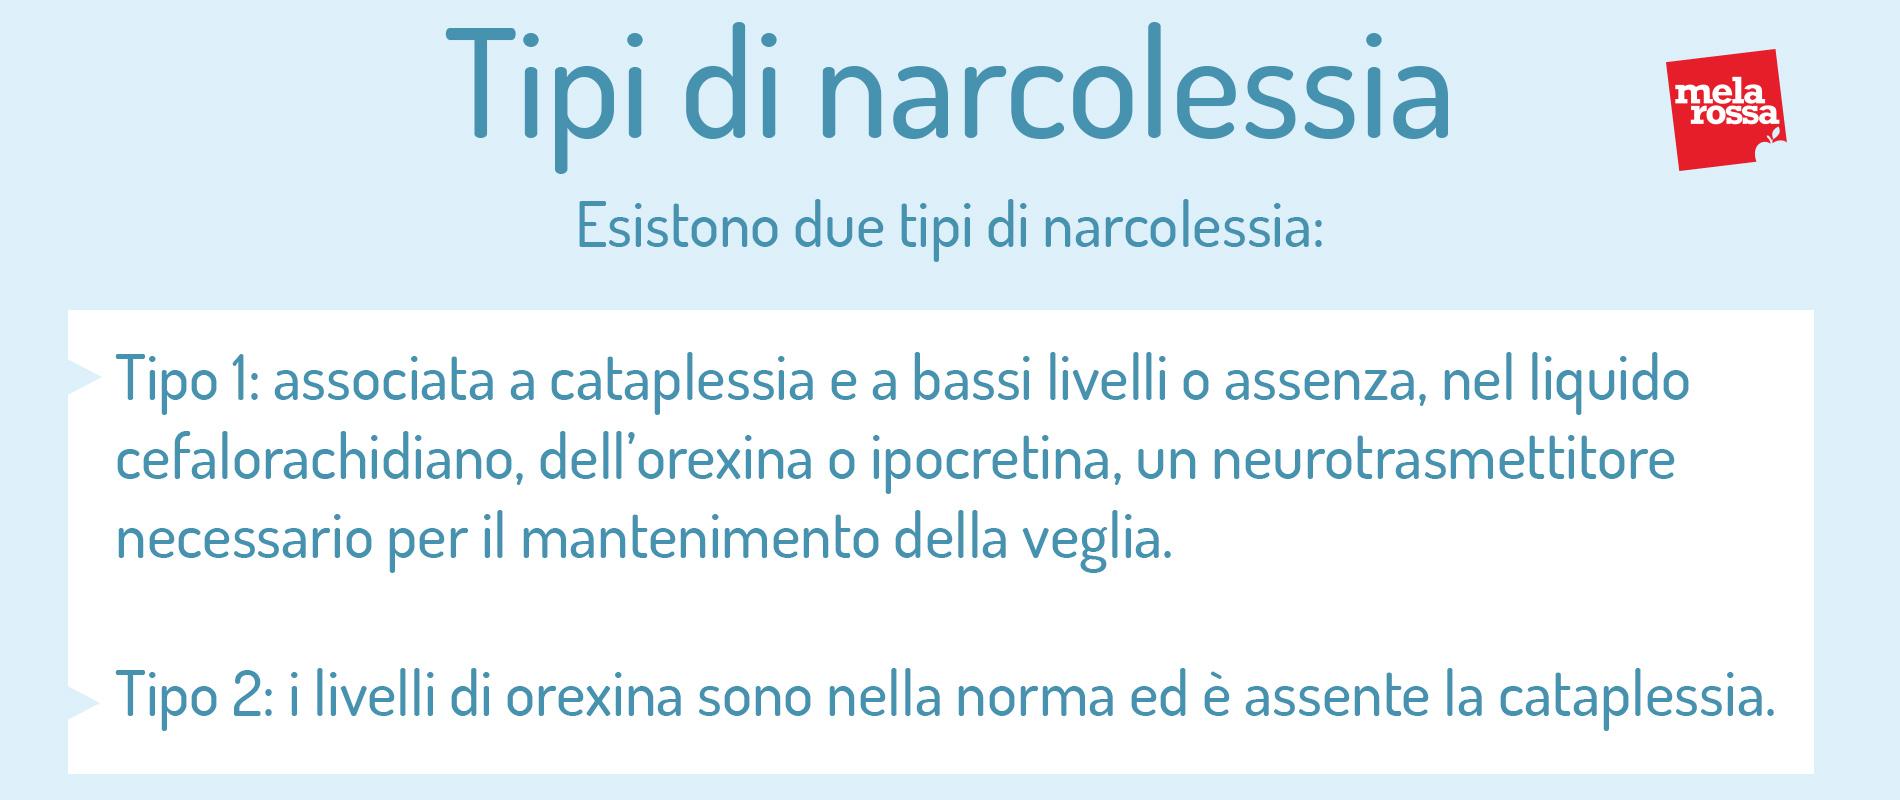 tipi di narcolessia